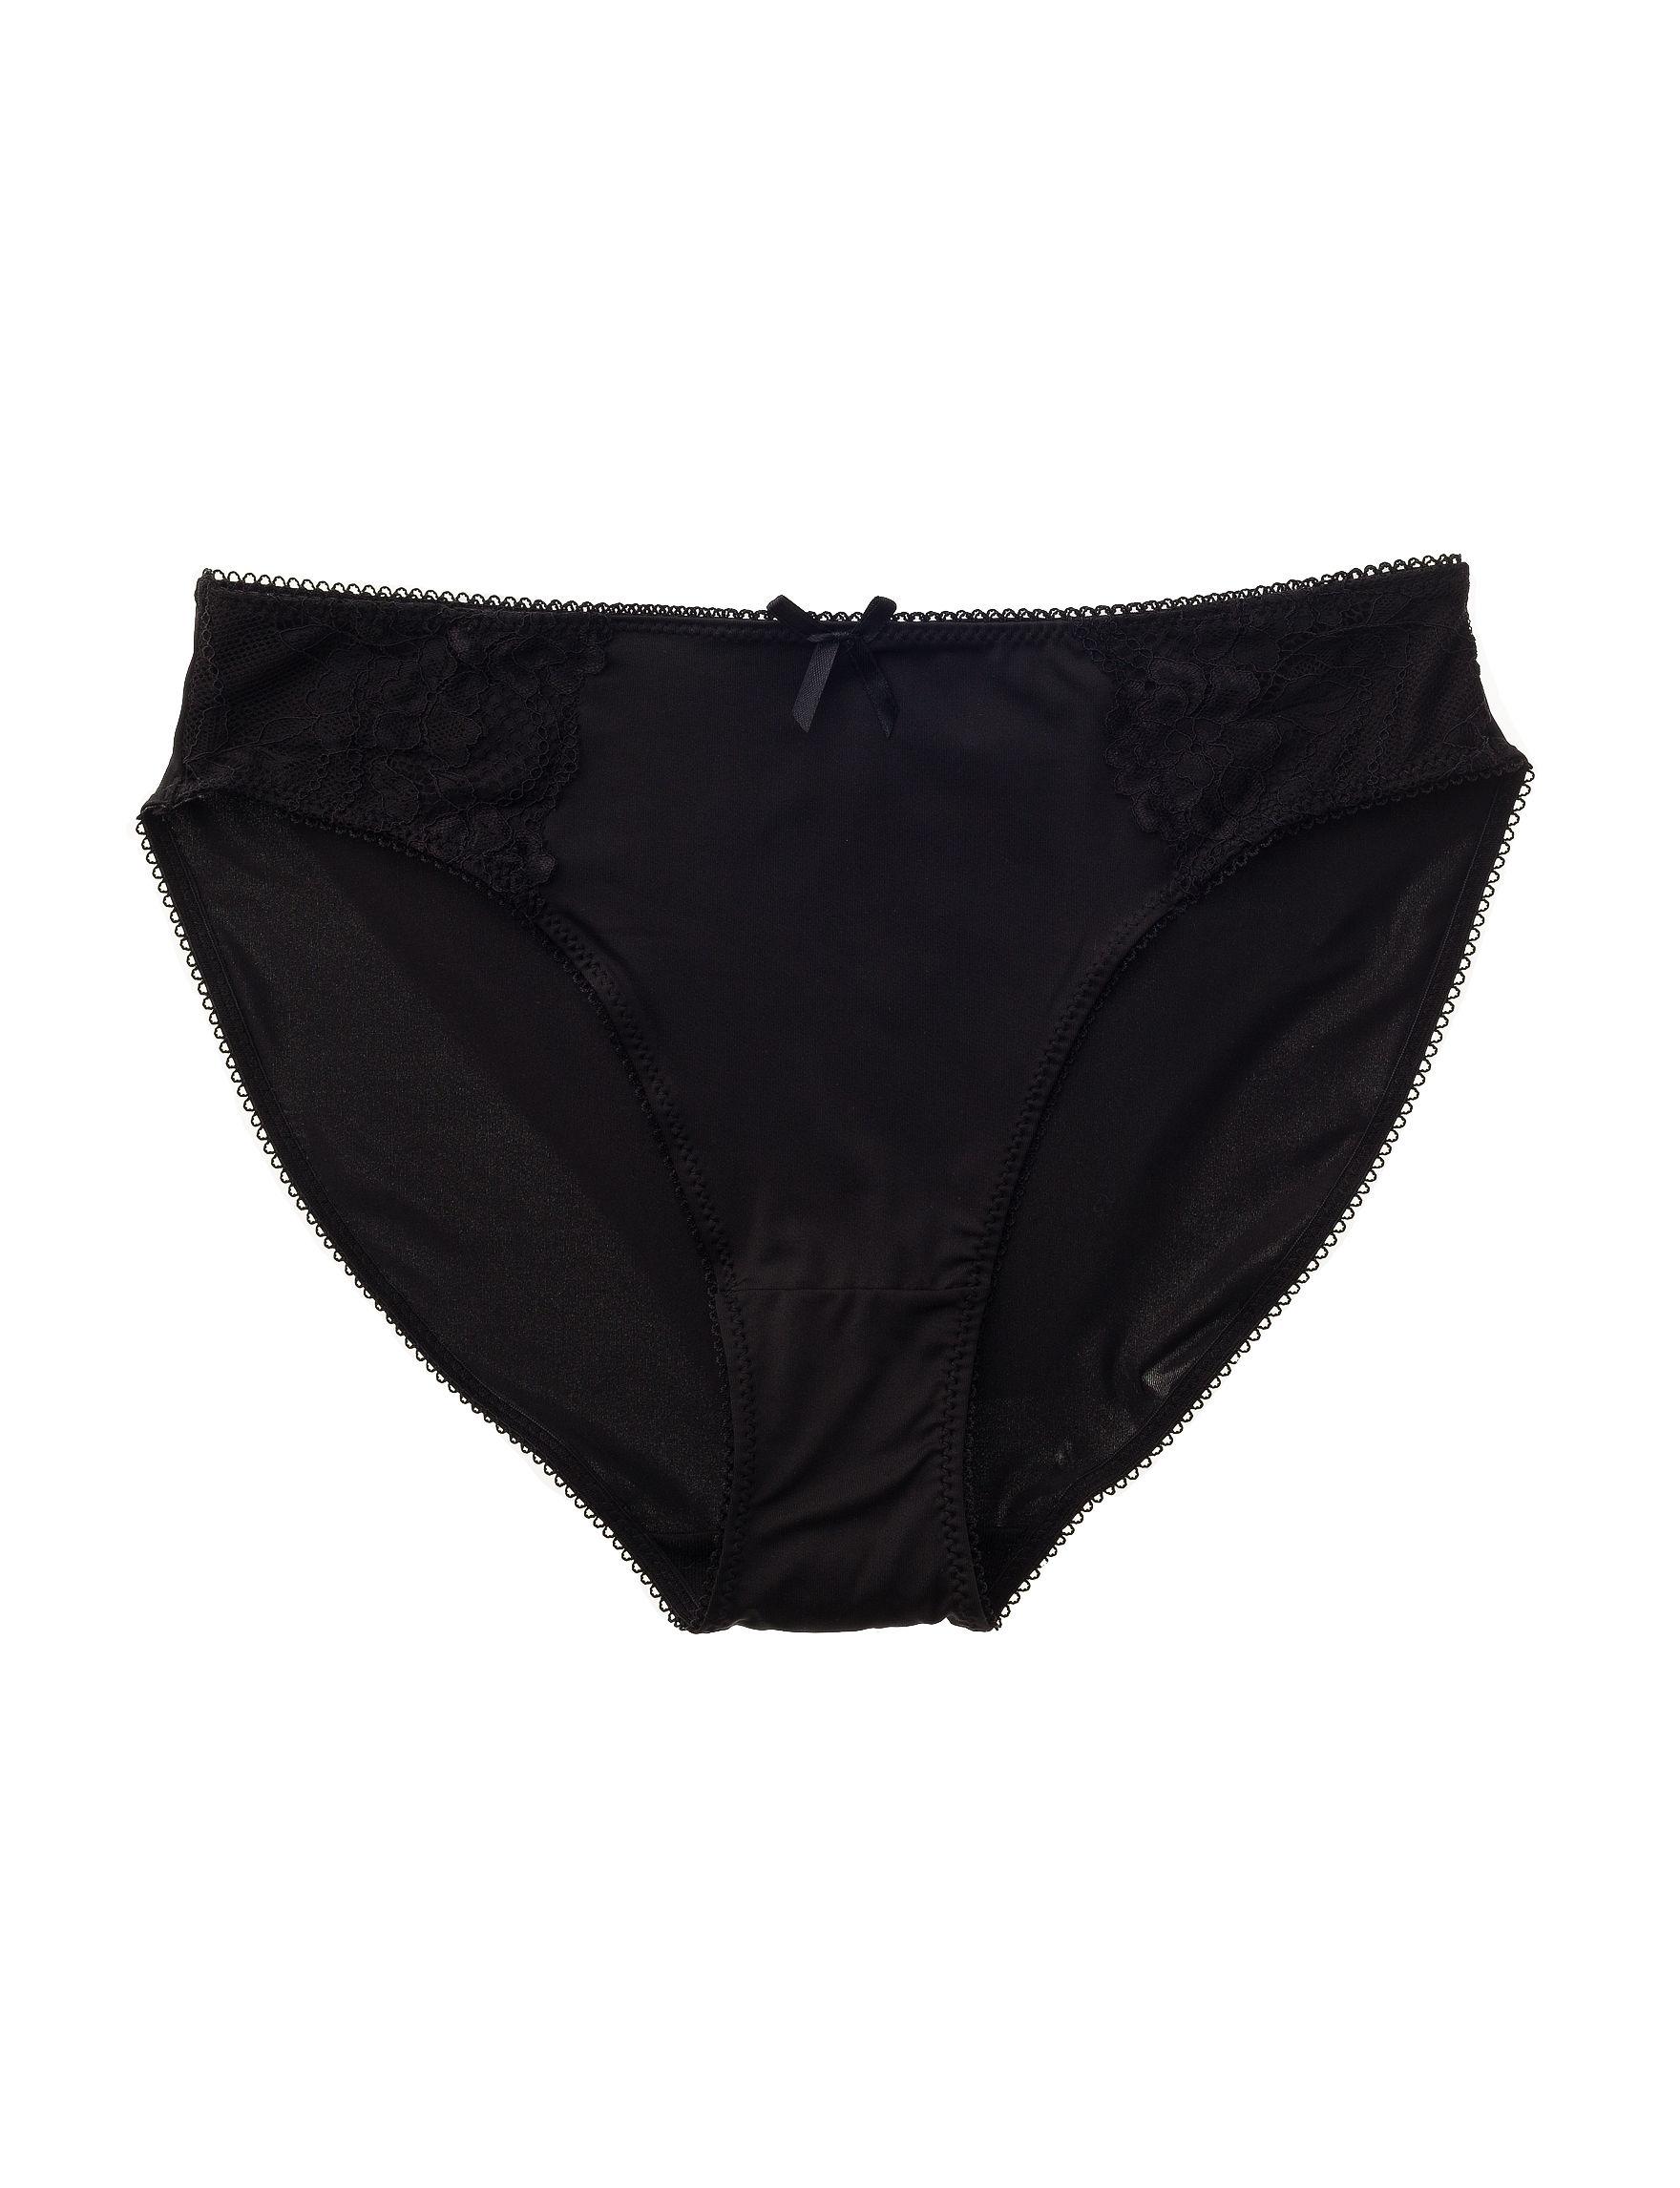 Rene Rofe Black Panties High Cut